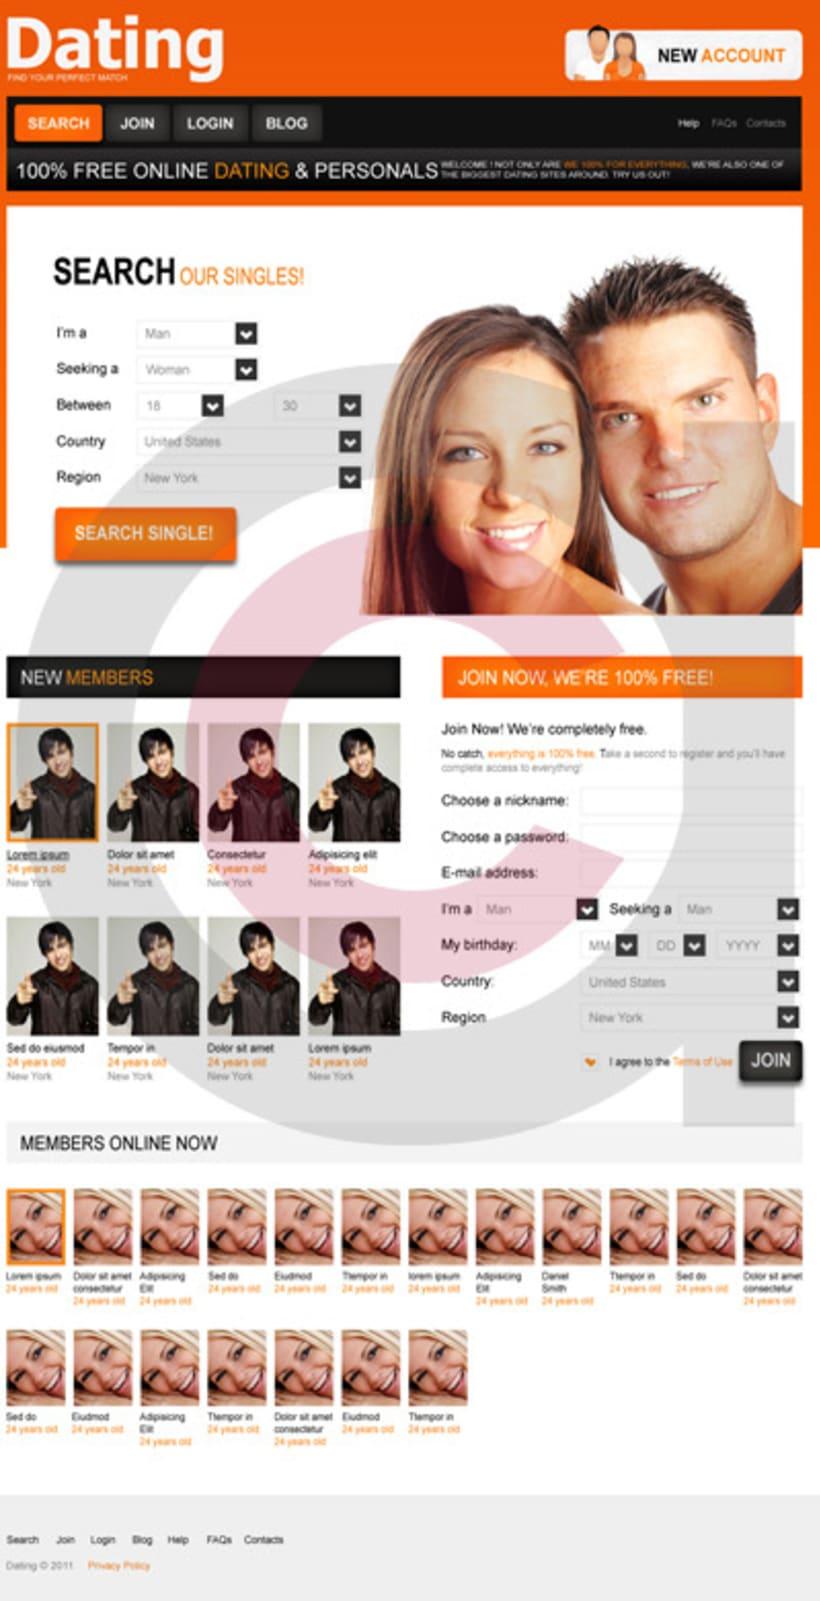 Maquetación Web: HTML/CSS 2